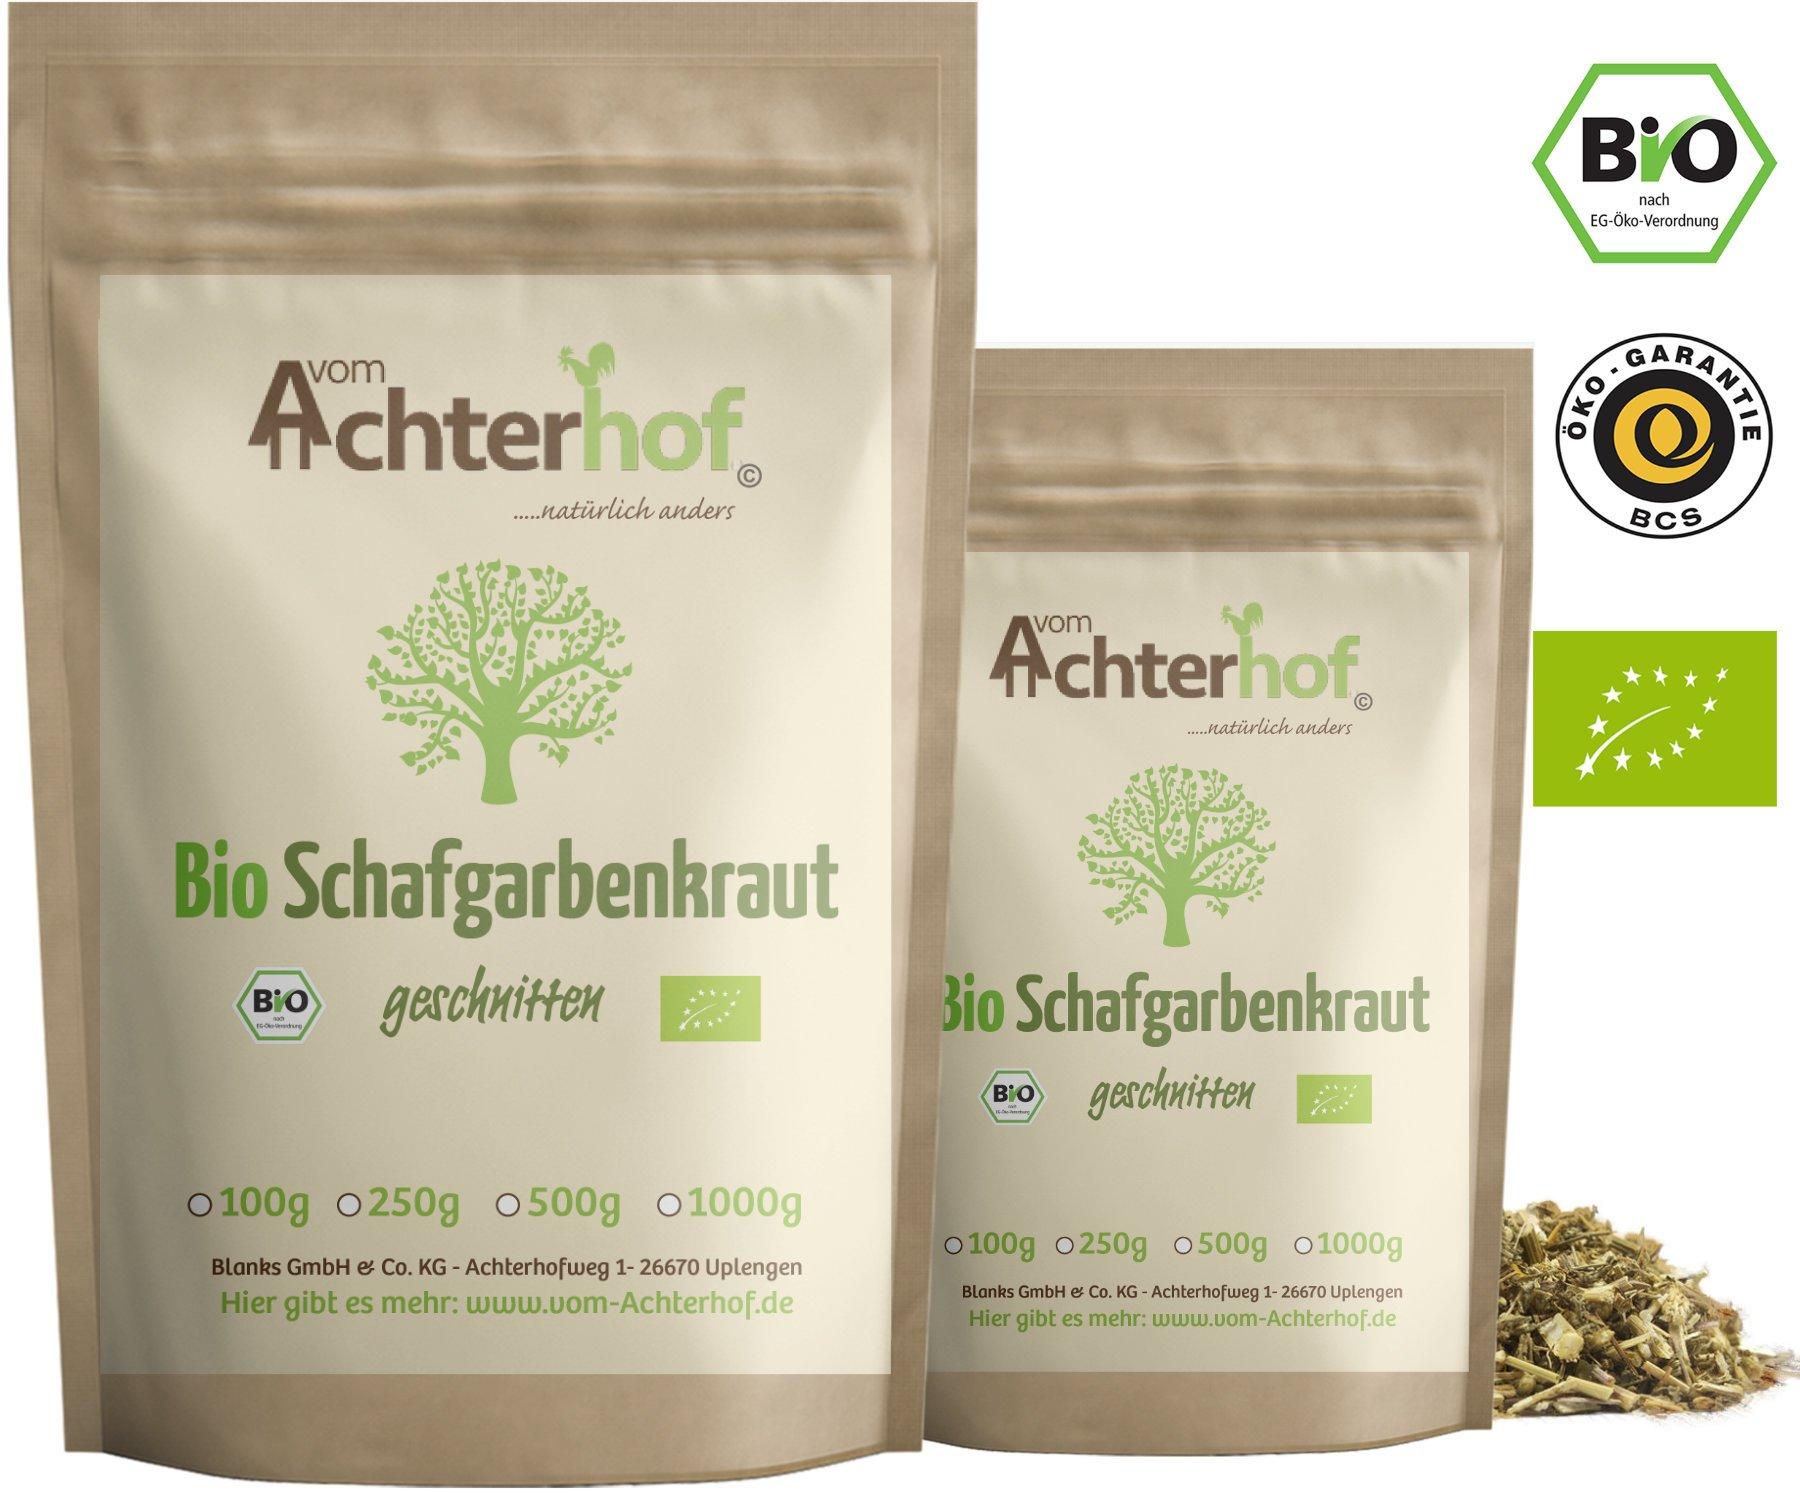 Schafgarbenkraut-BIO-100g-Schafgarbentee-Schafgarbe-Tee-organic-yarrow-herb-vom-Achterhof